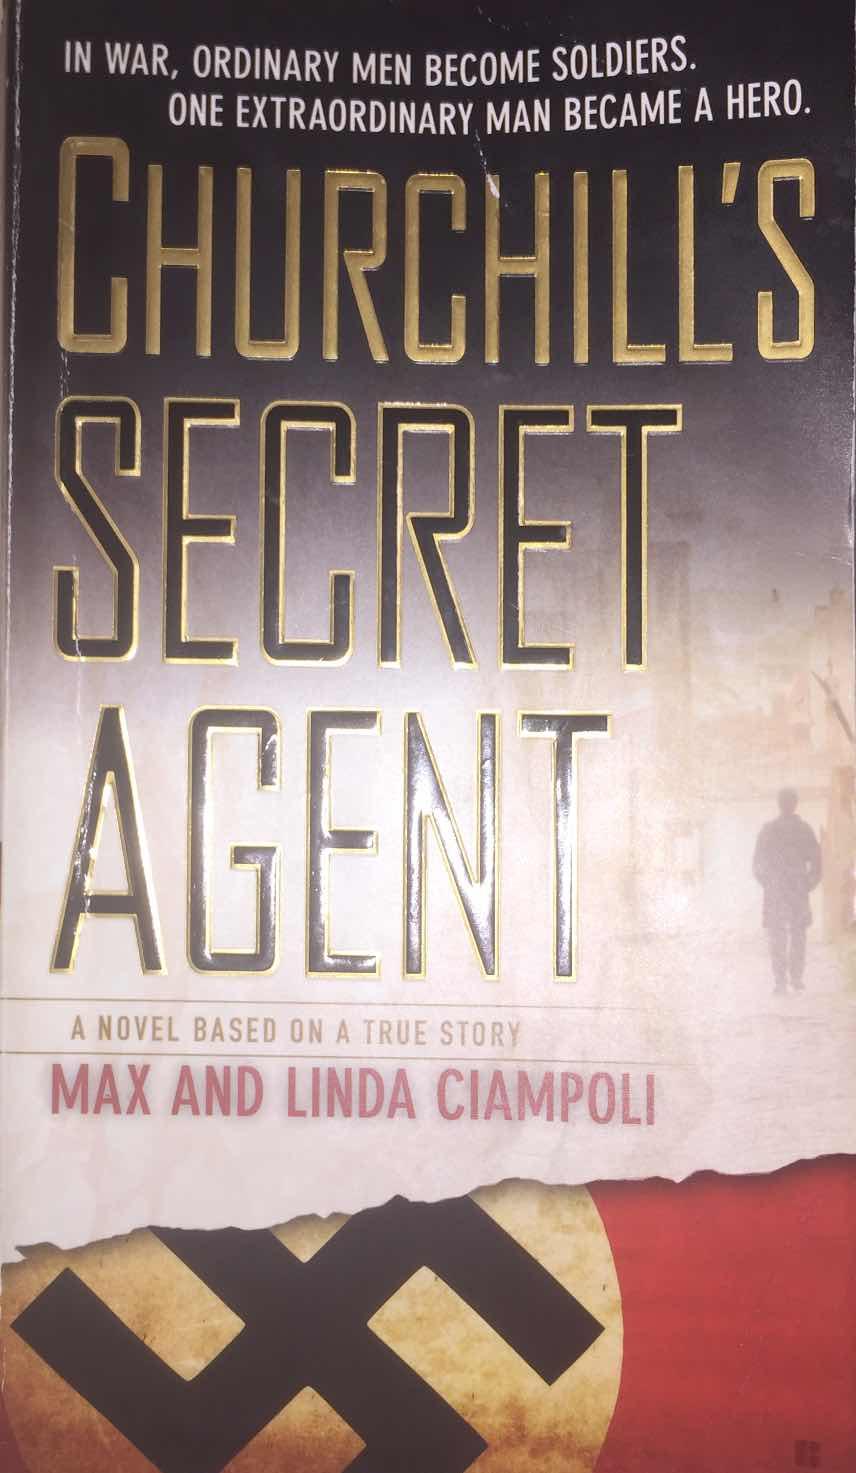 true crime book churchill secret agent ciampoli